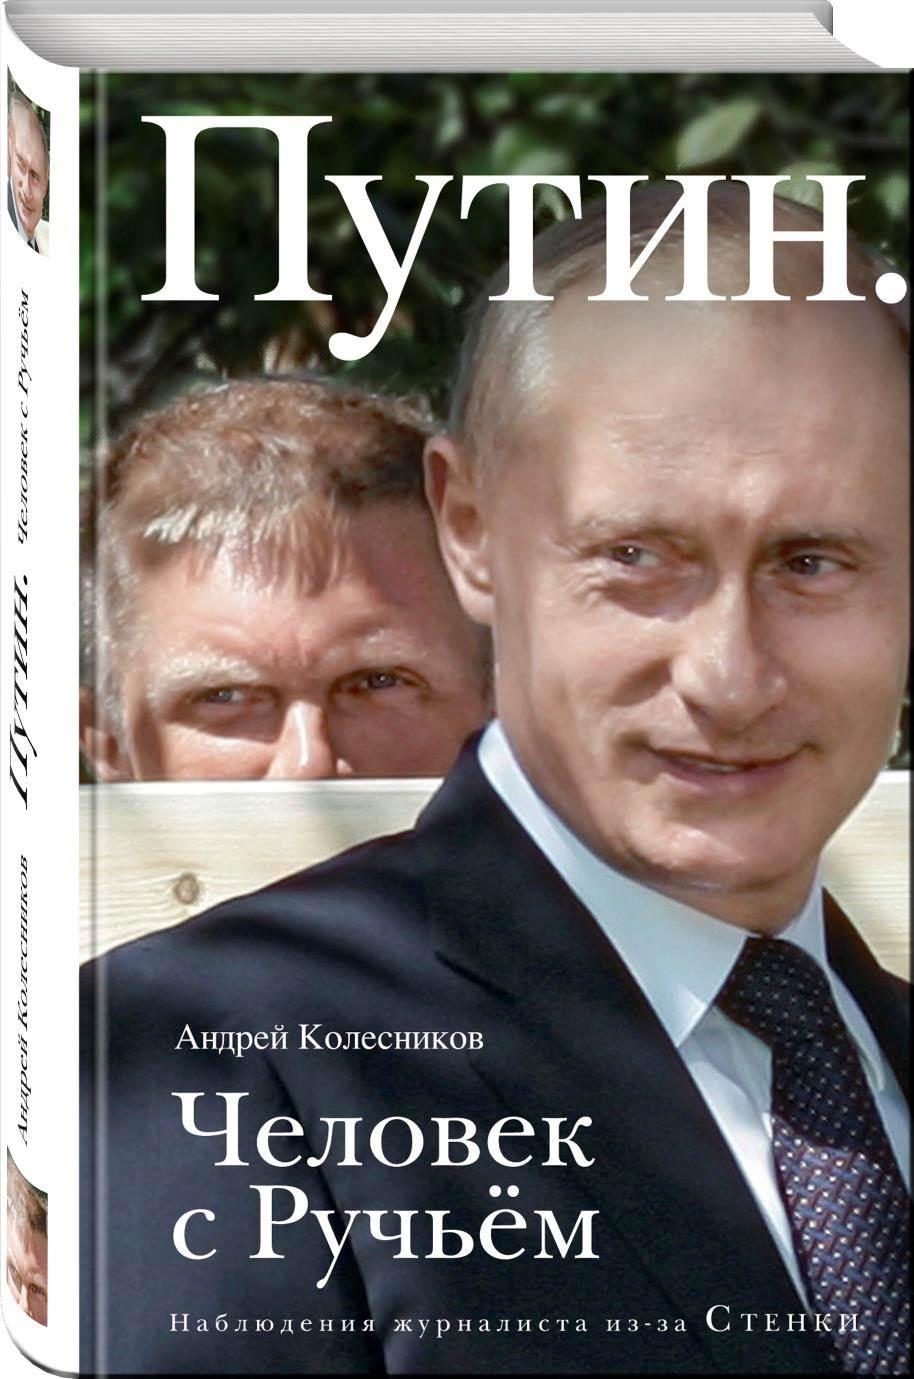 Андрей Колесников Путин. Человек с Ручьем